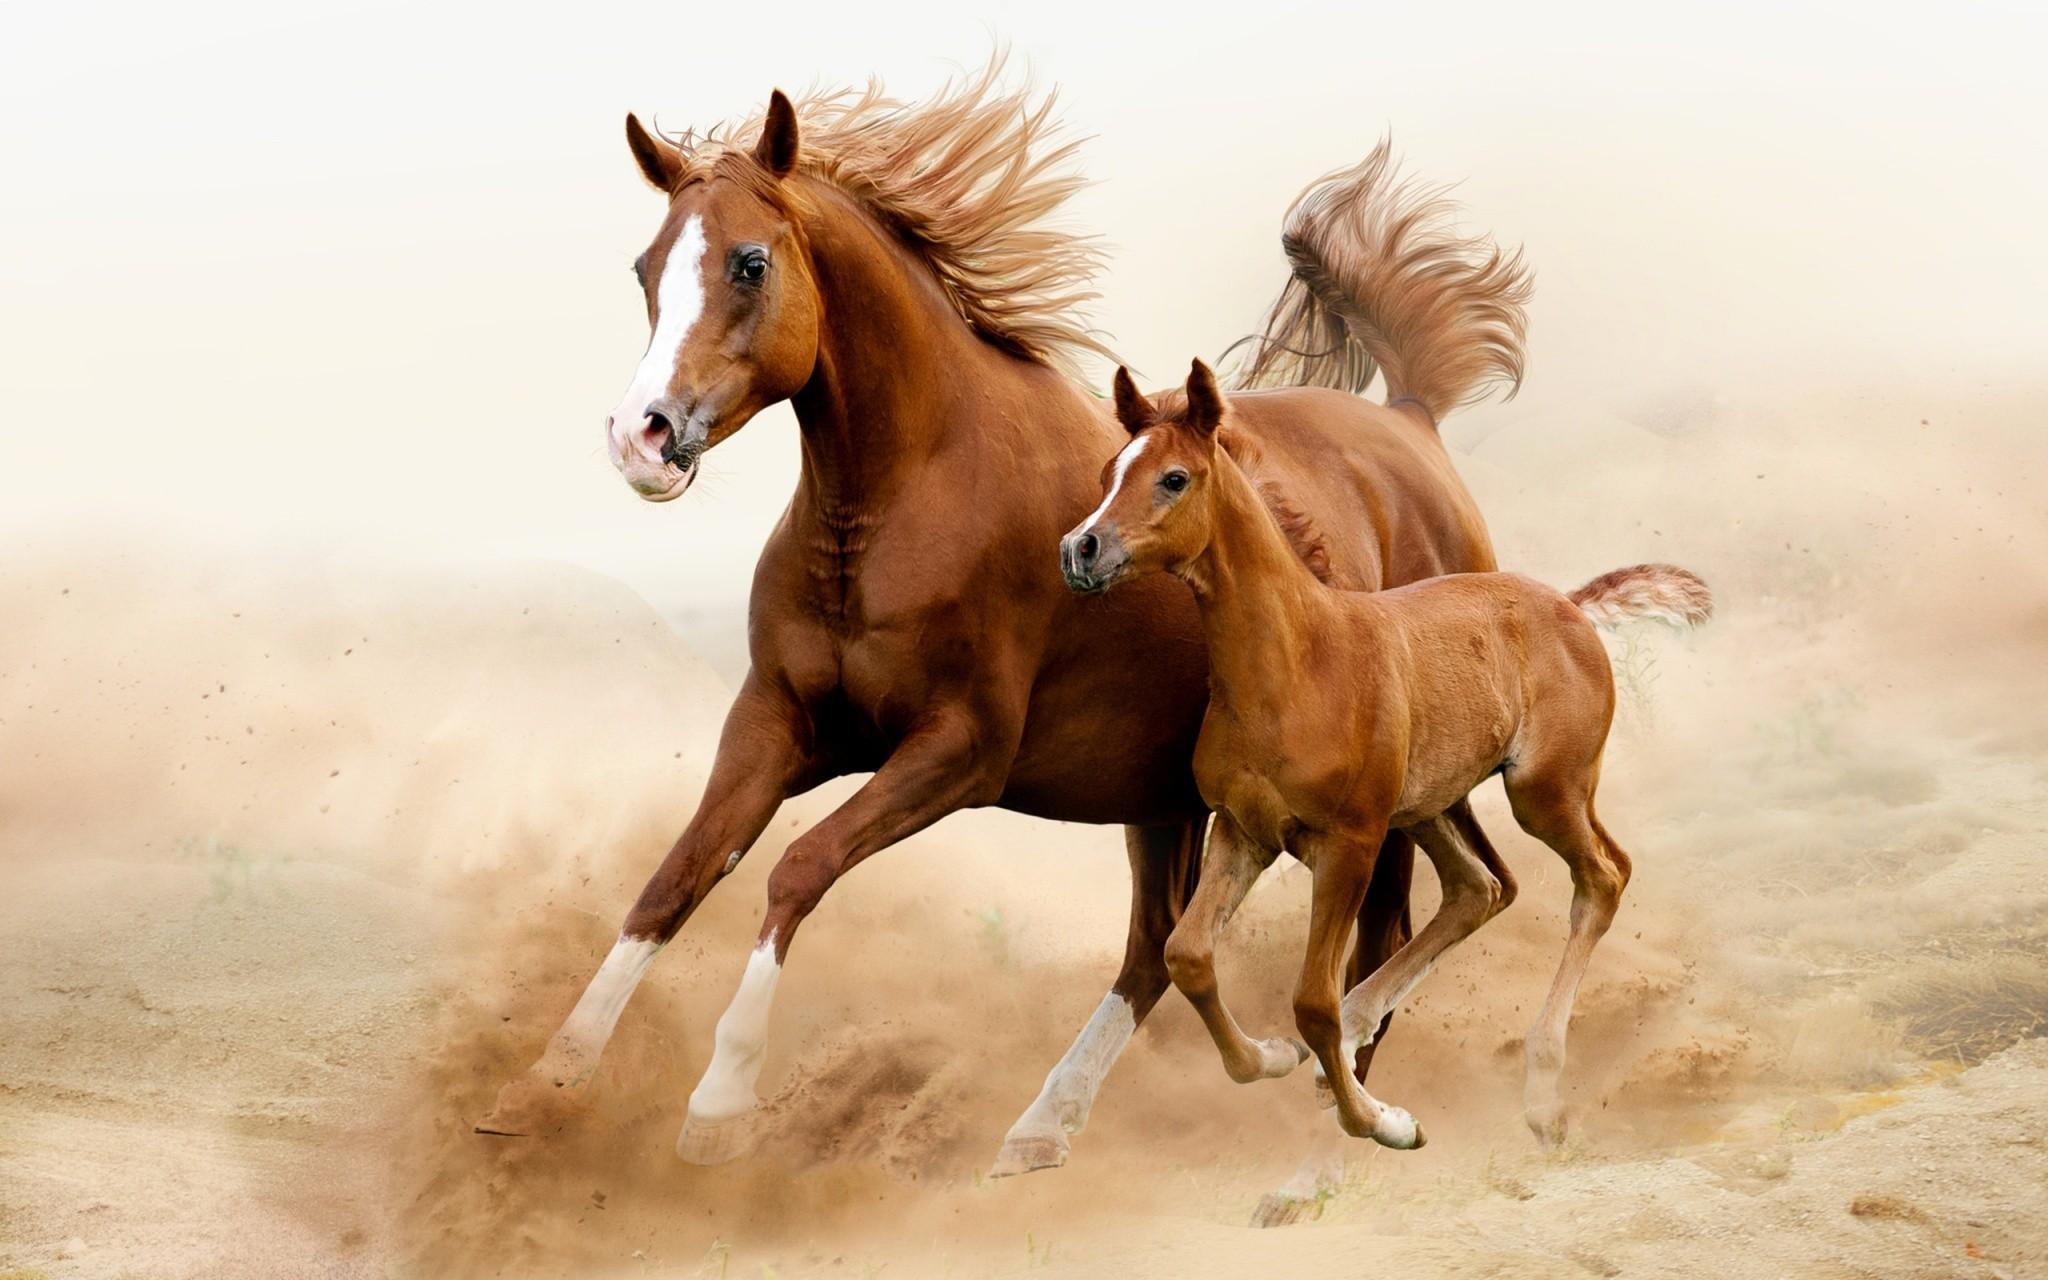 atlar-insanlarin-hissettigi-duygulari-hisseder-mi